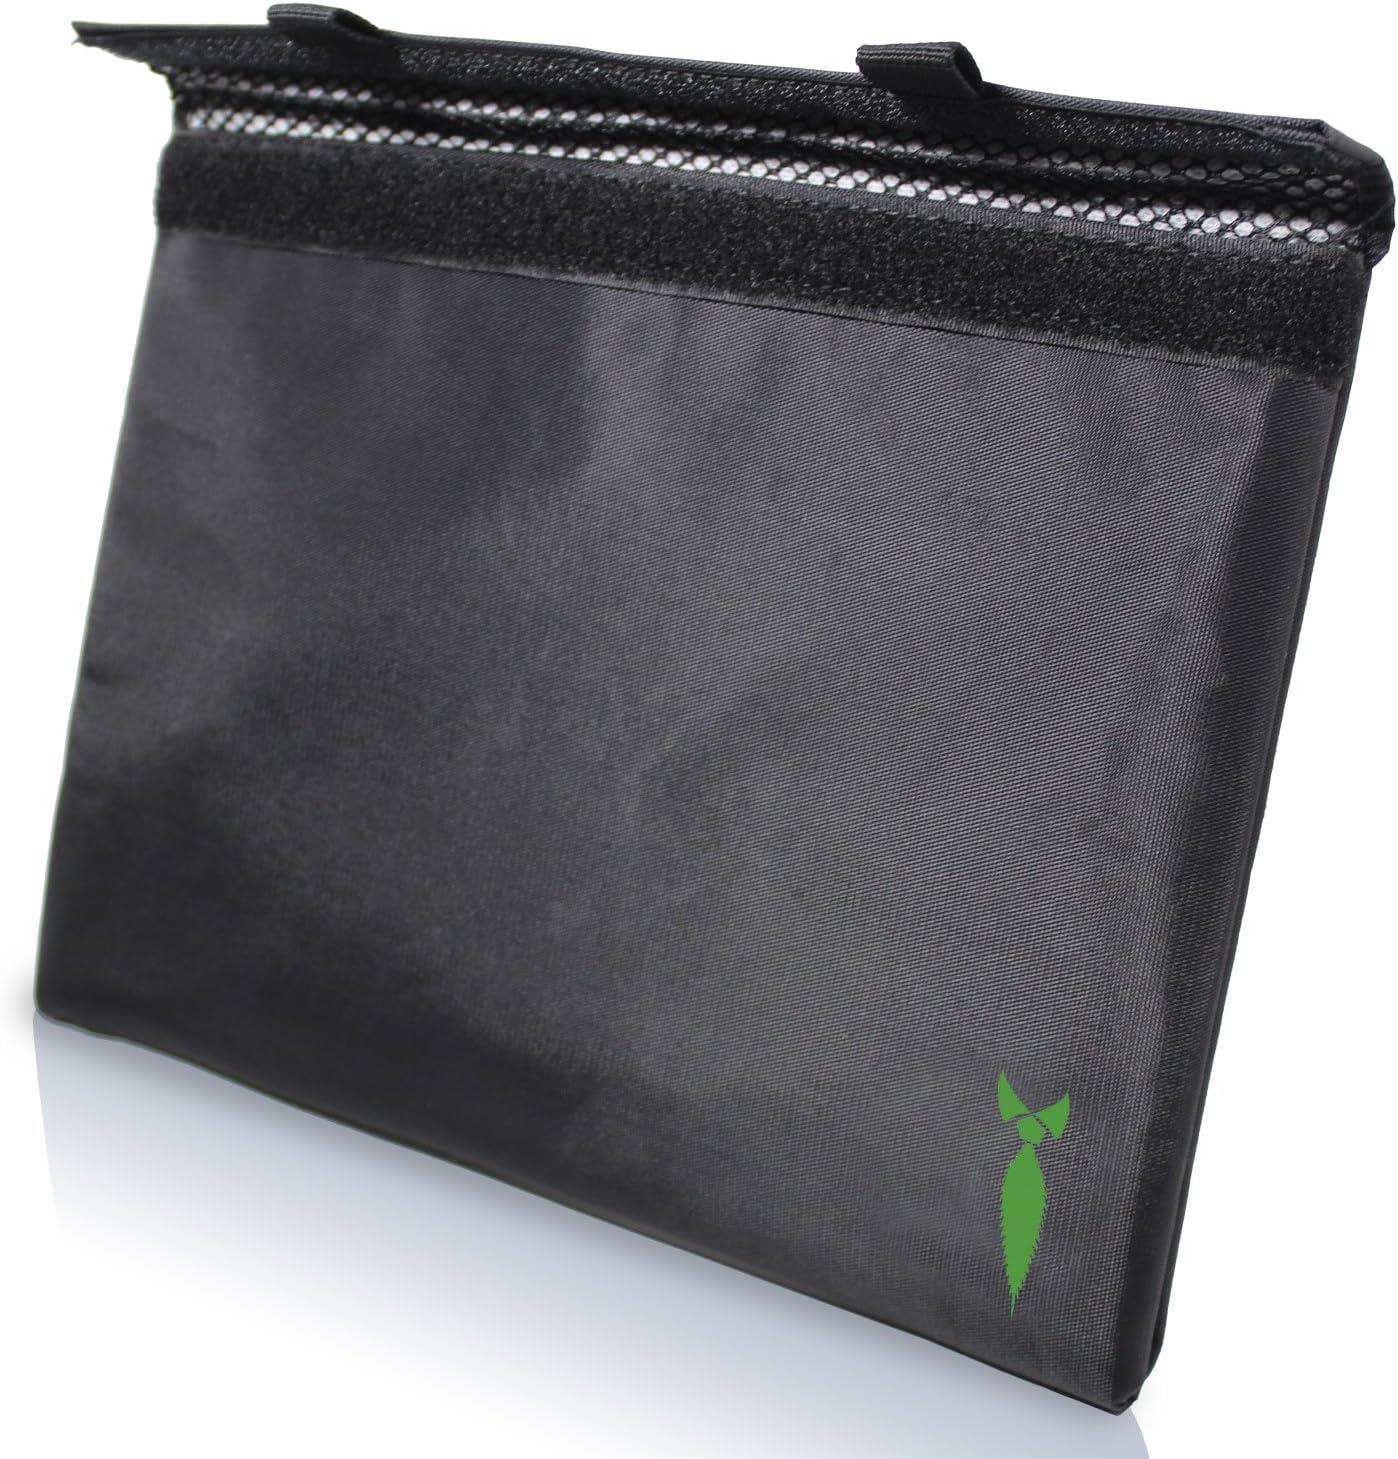 Discreto para ahumar prueba de olores bolsa 11x 9–Guardar Todos los olores, accesorios de fumar papel de liar, molinillo y bandeja